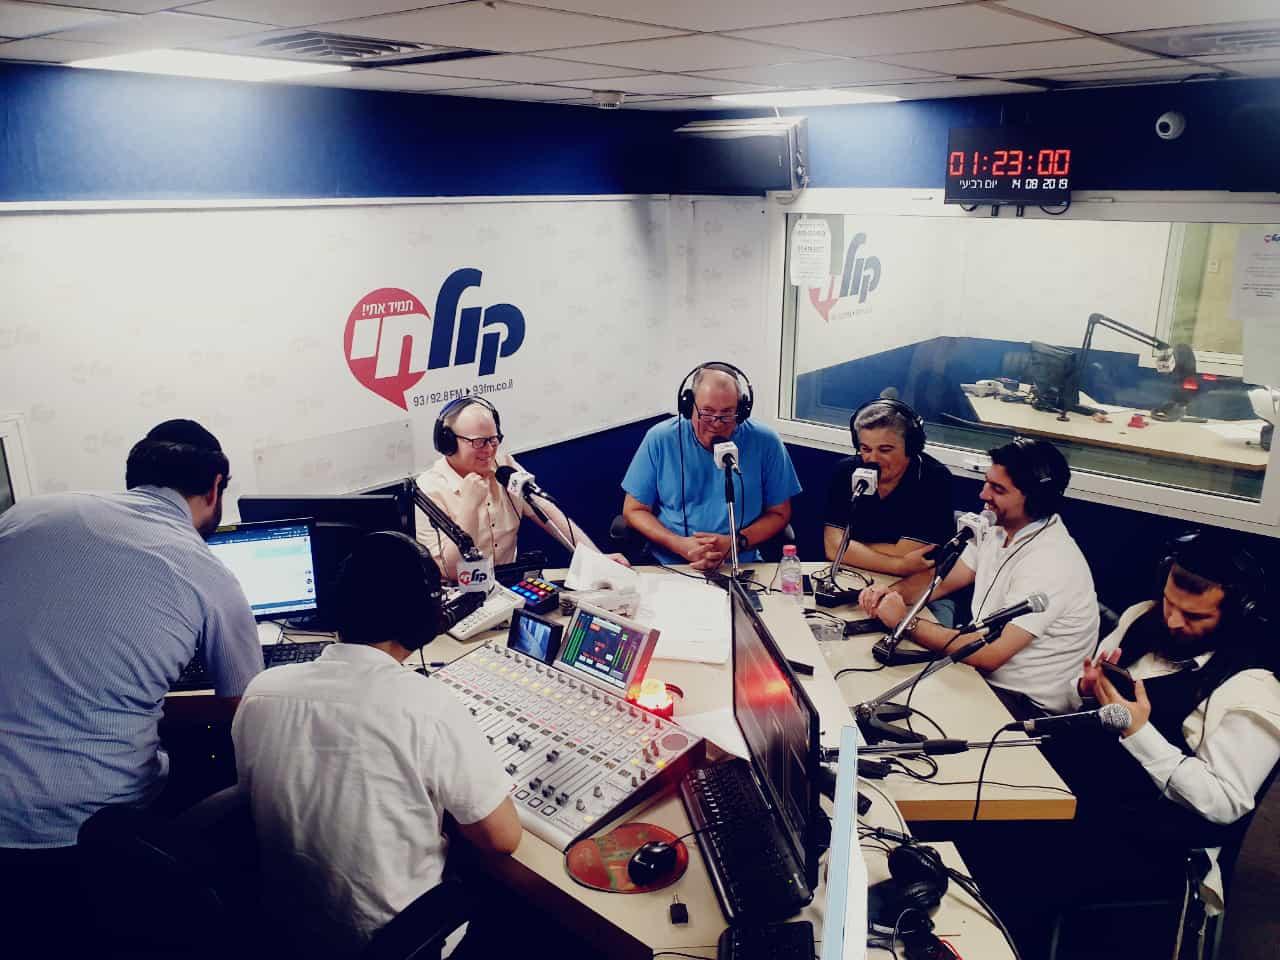 אפרים וחברים ברדיו